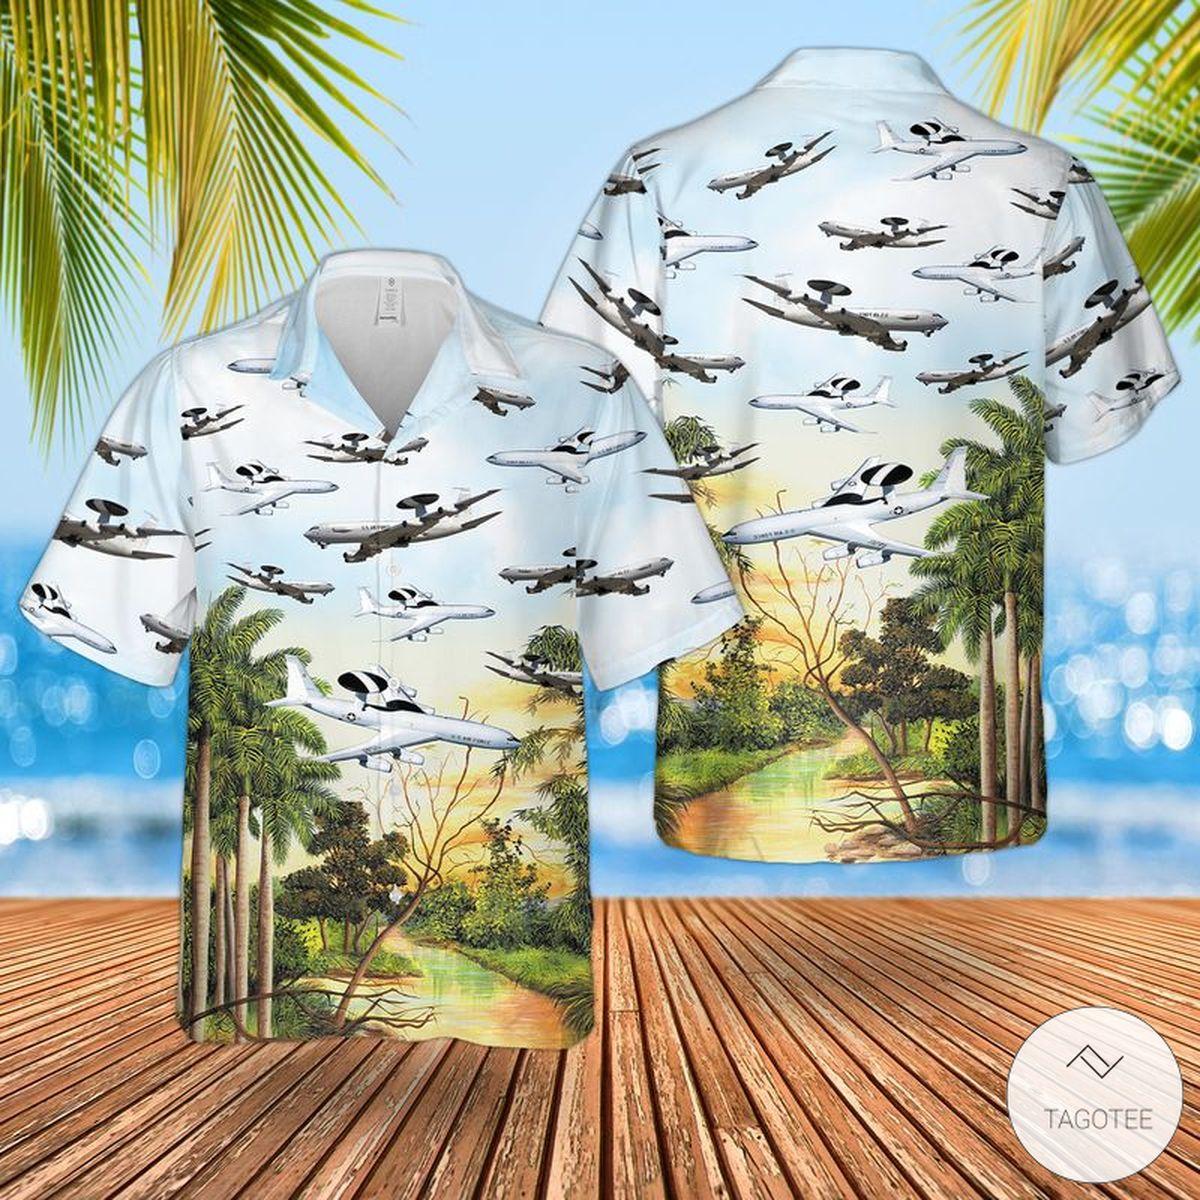 Air Force Boeing E-3 Sentry Hawaiian Shirt, Beach Shorts